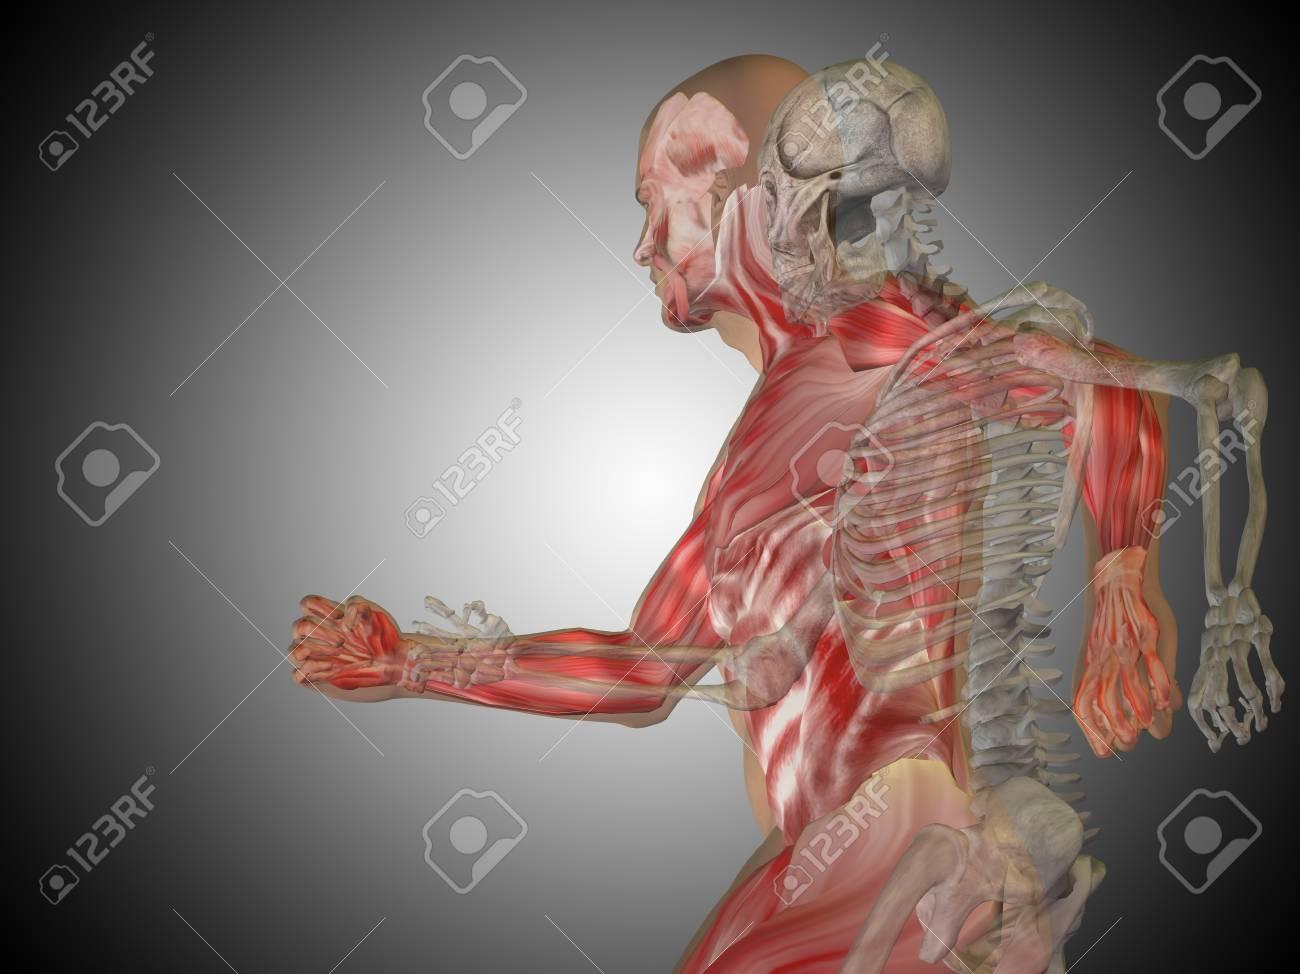 Konzeptionelle Anatomie Menschlichen Körper Auf Grauem Hintergrund ...